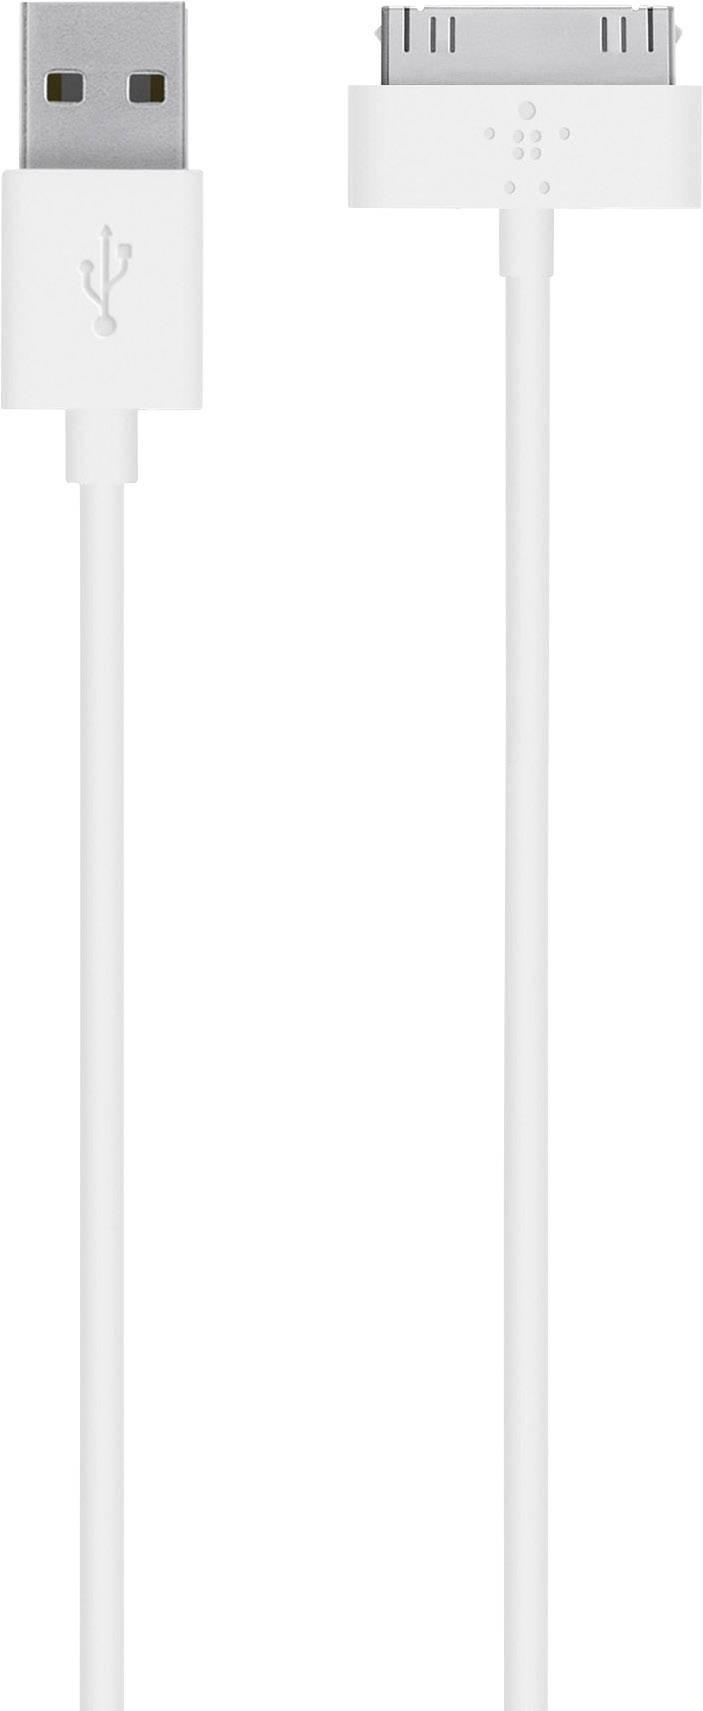 iPadiPhoneiPod DatenkabelLadekabel [1x USB 2.0 Stecker A